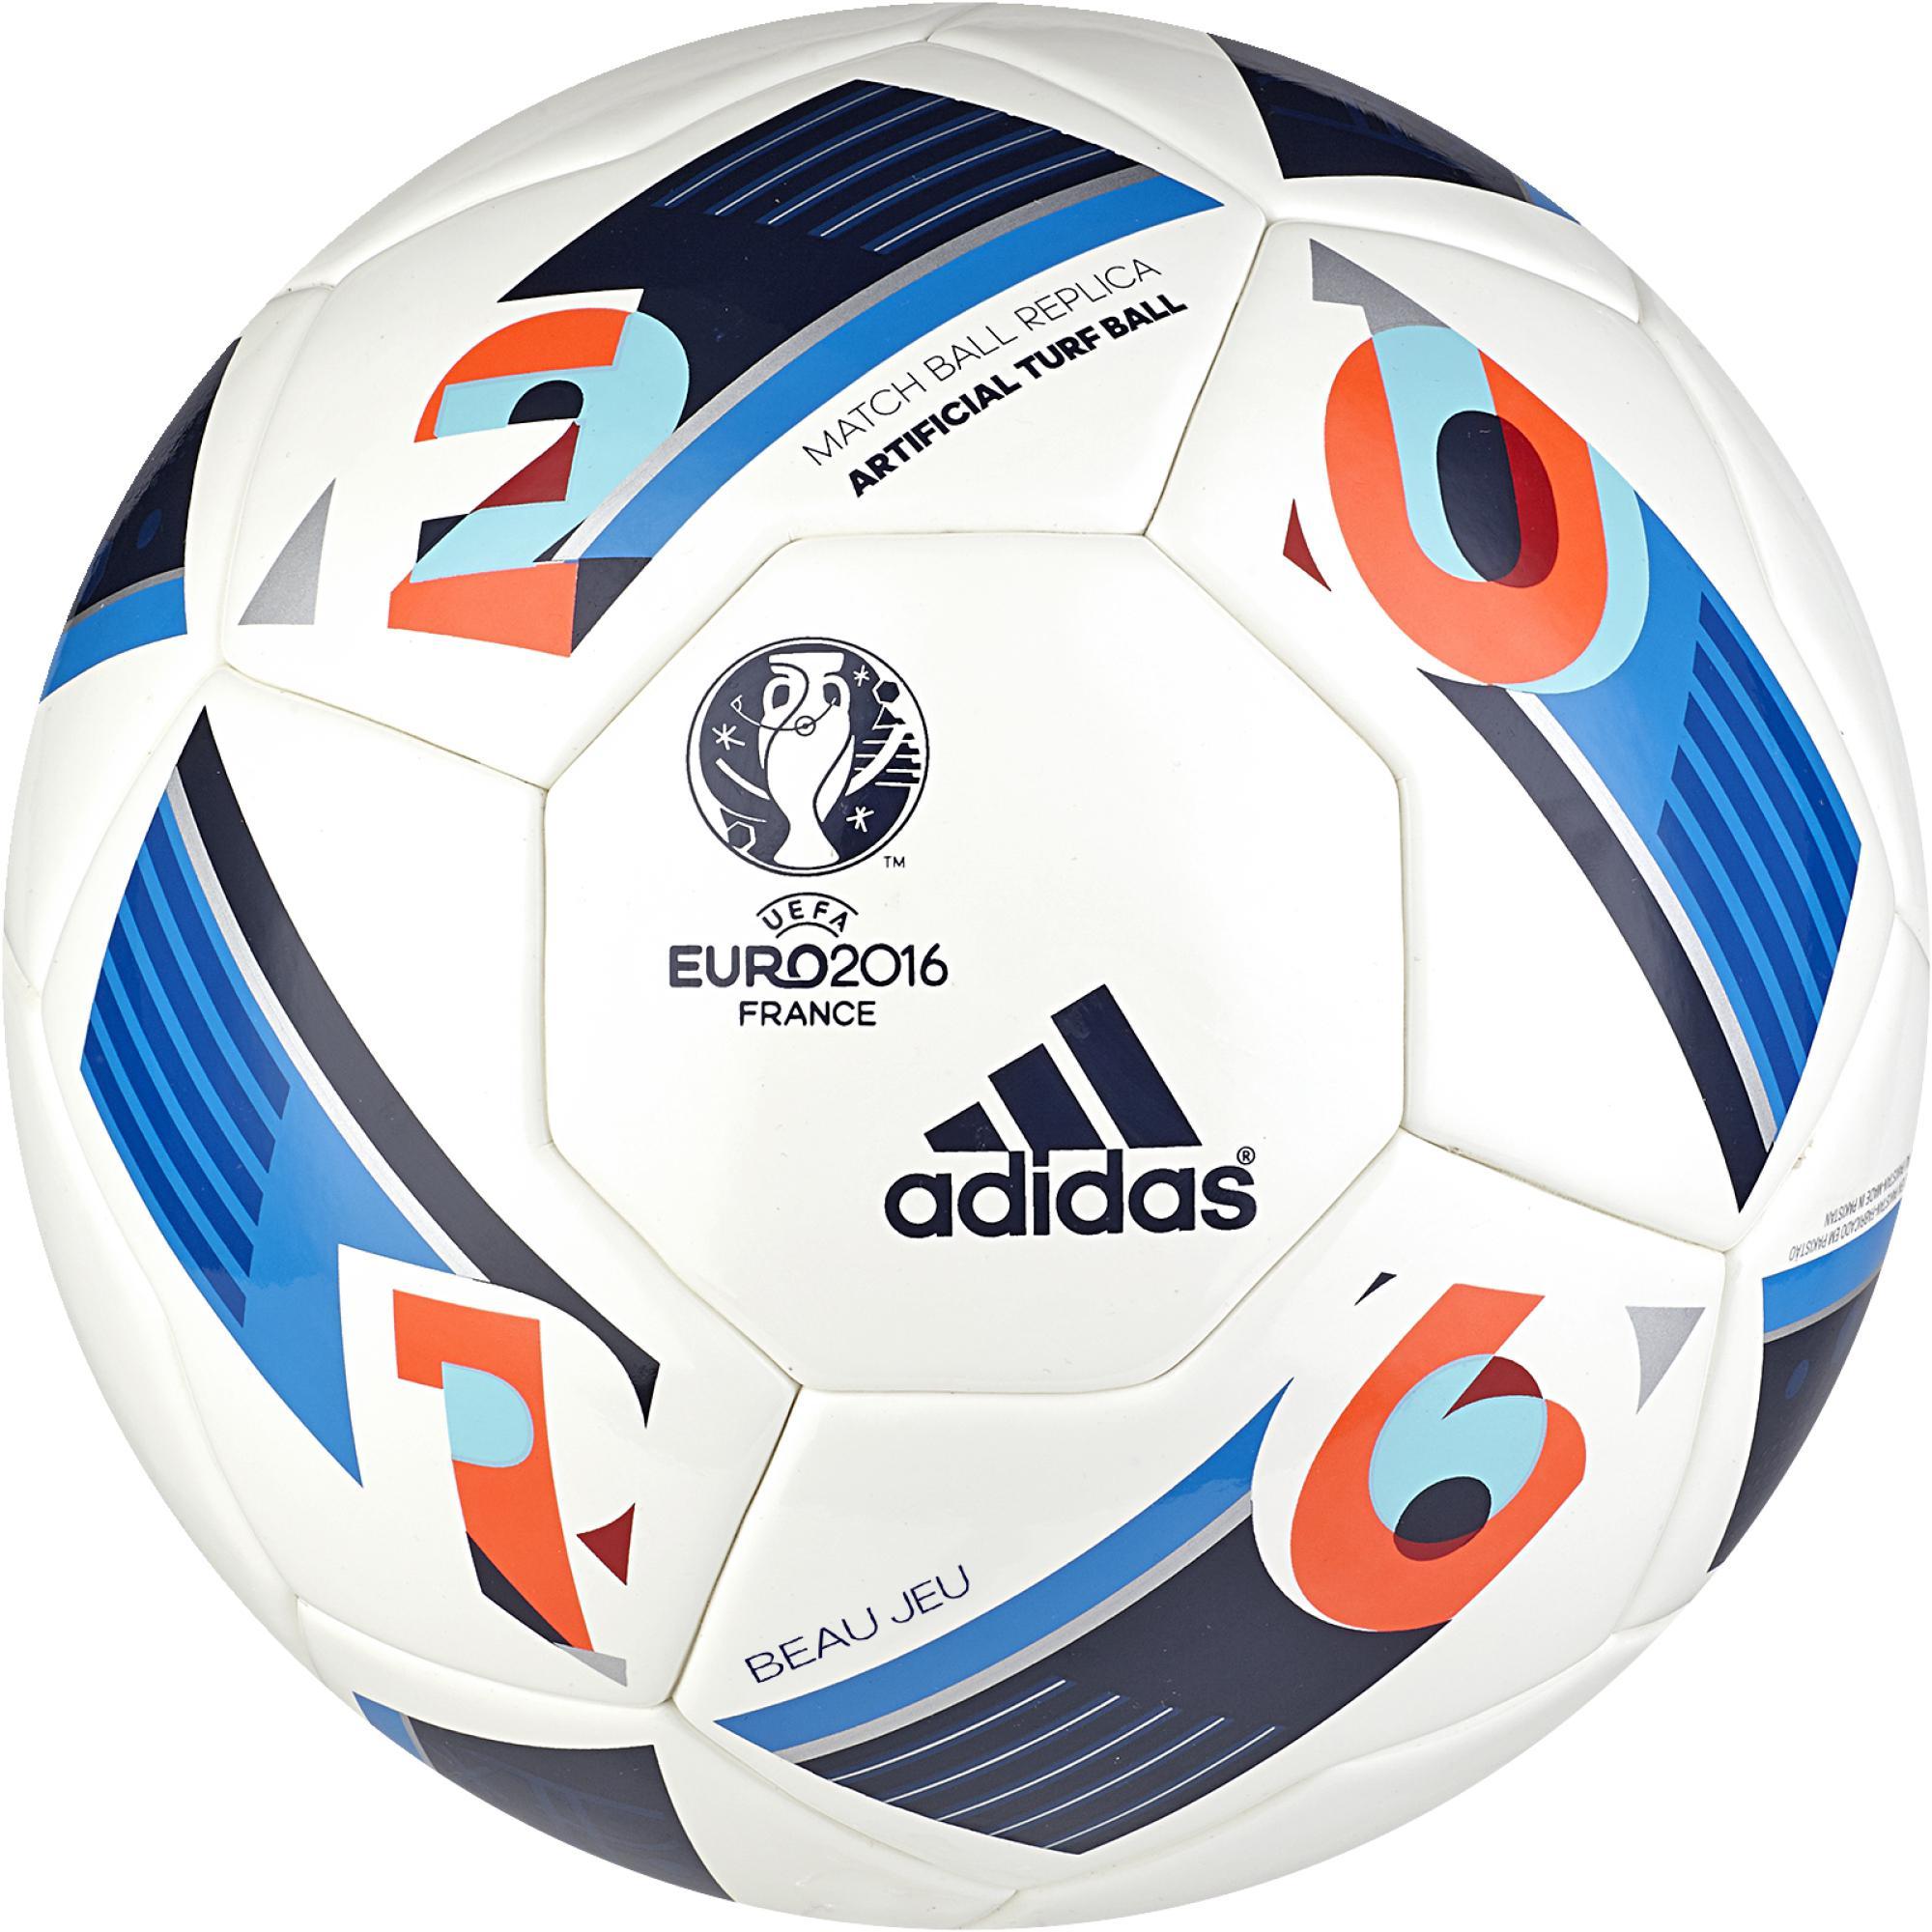 ADIDAS míč UEFA Euro 2016 Artificial Turf